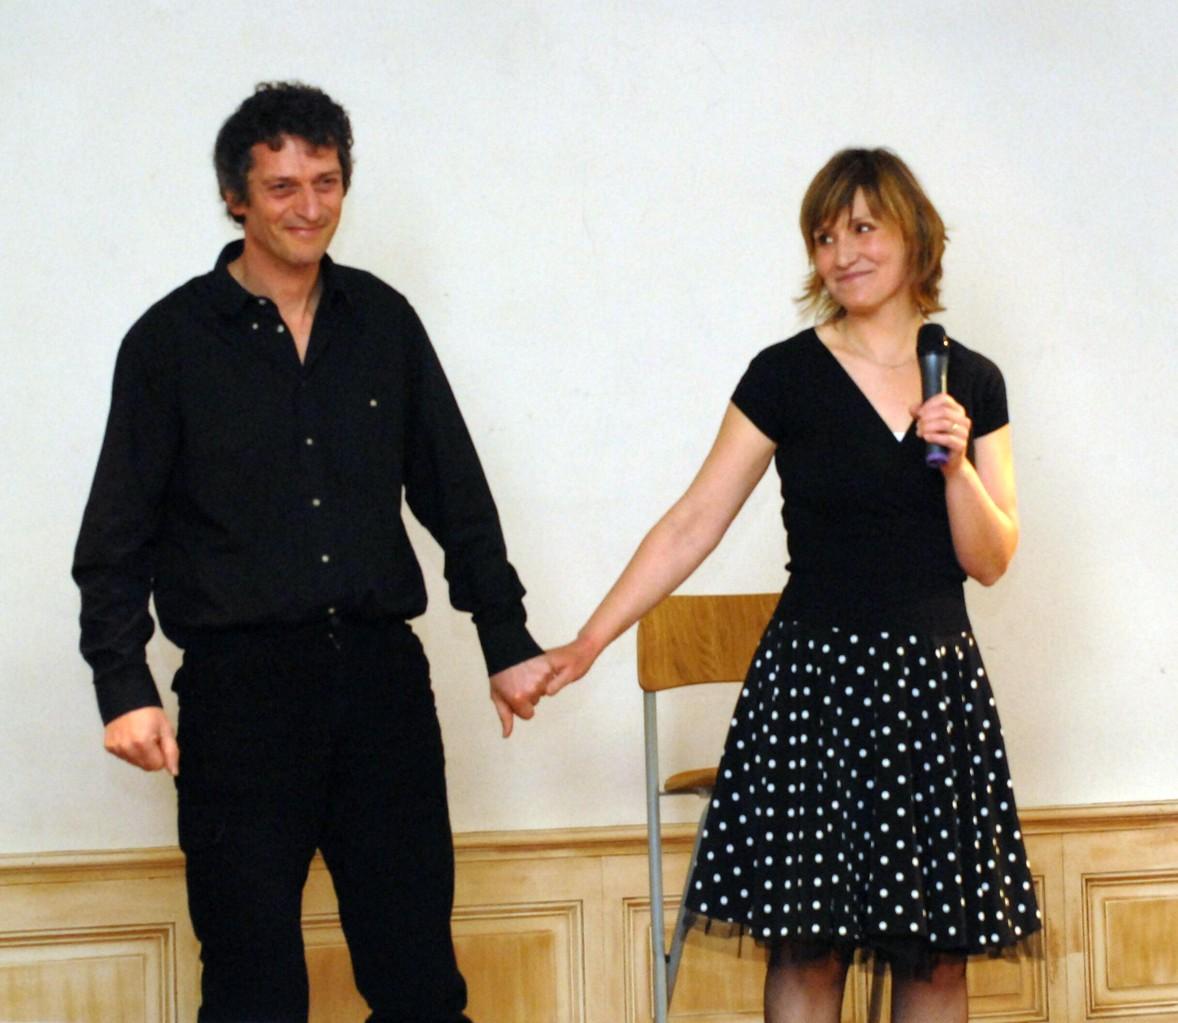 Concert du 6 mars 2011 - Croquons la vie en chansons